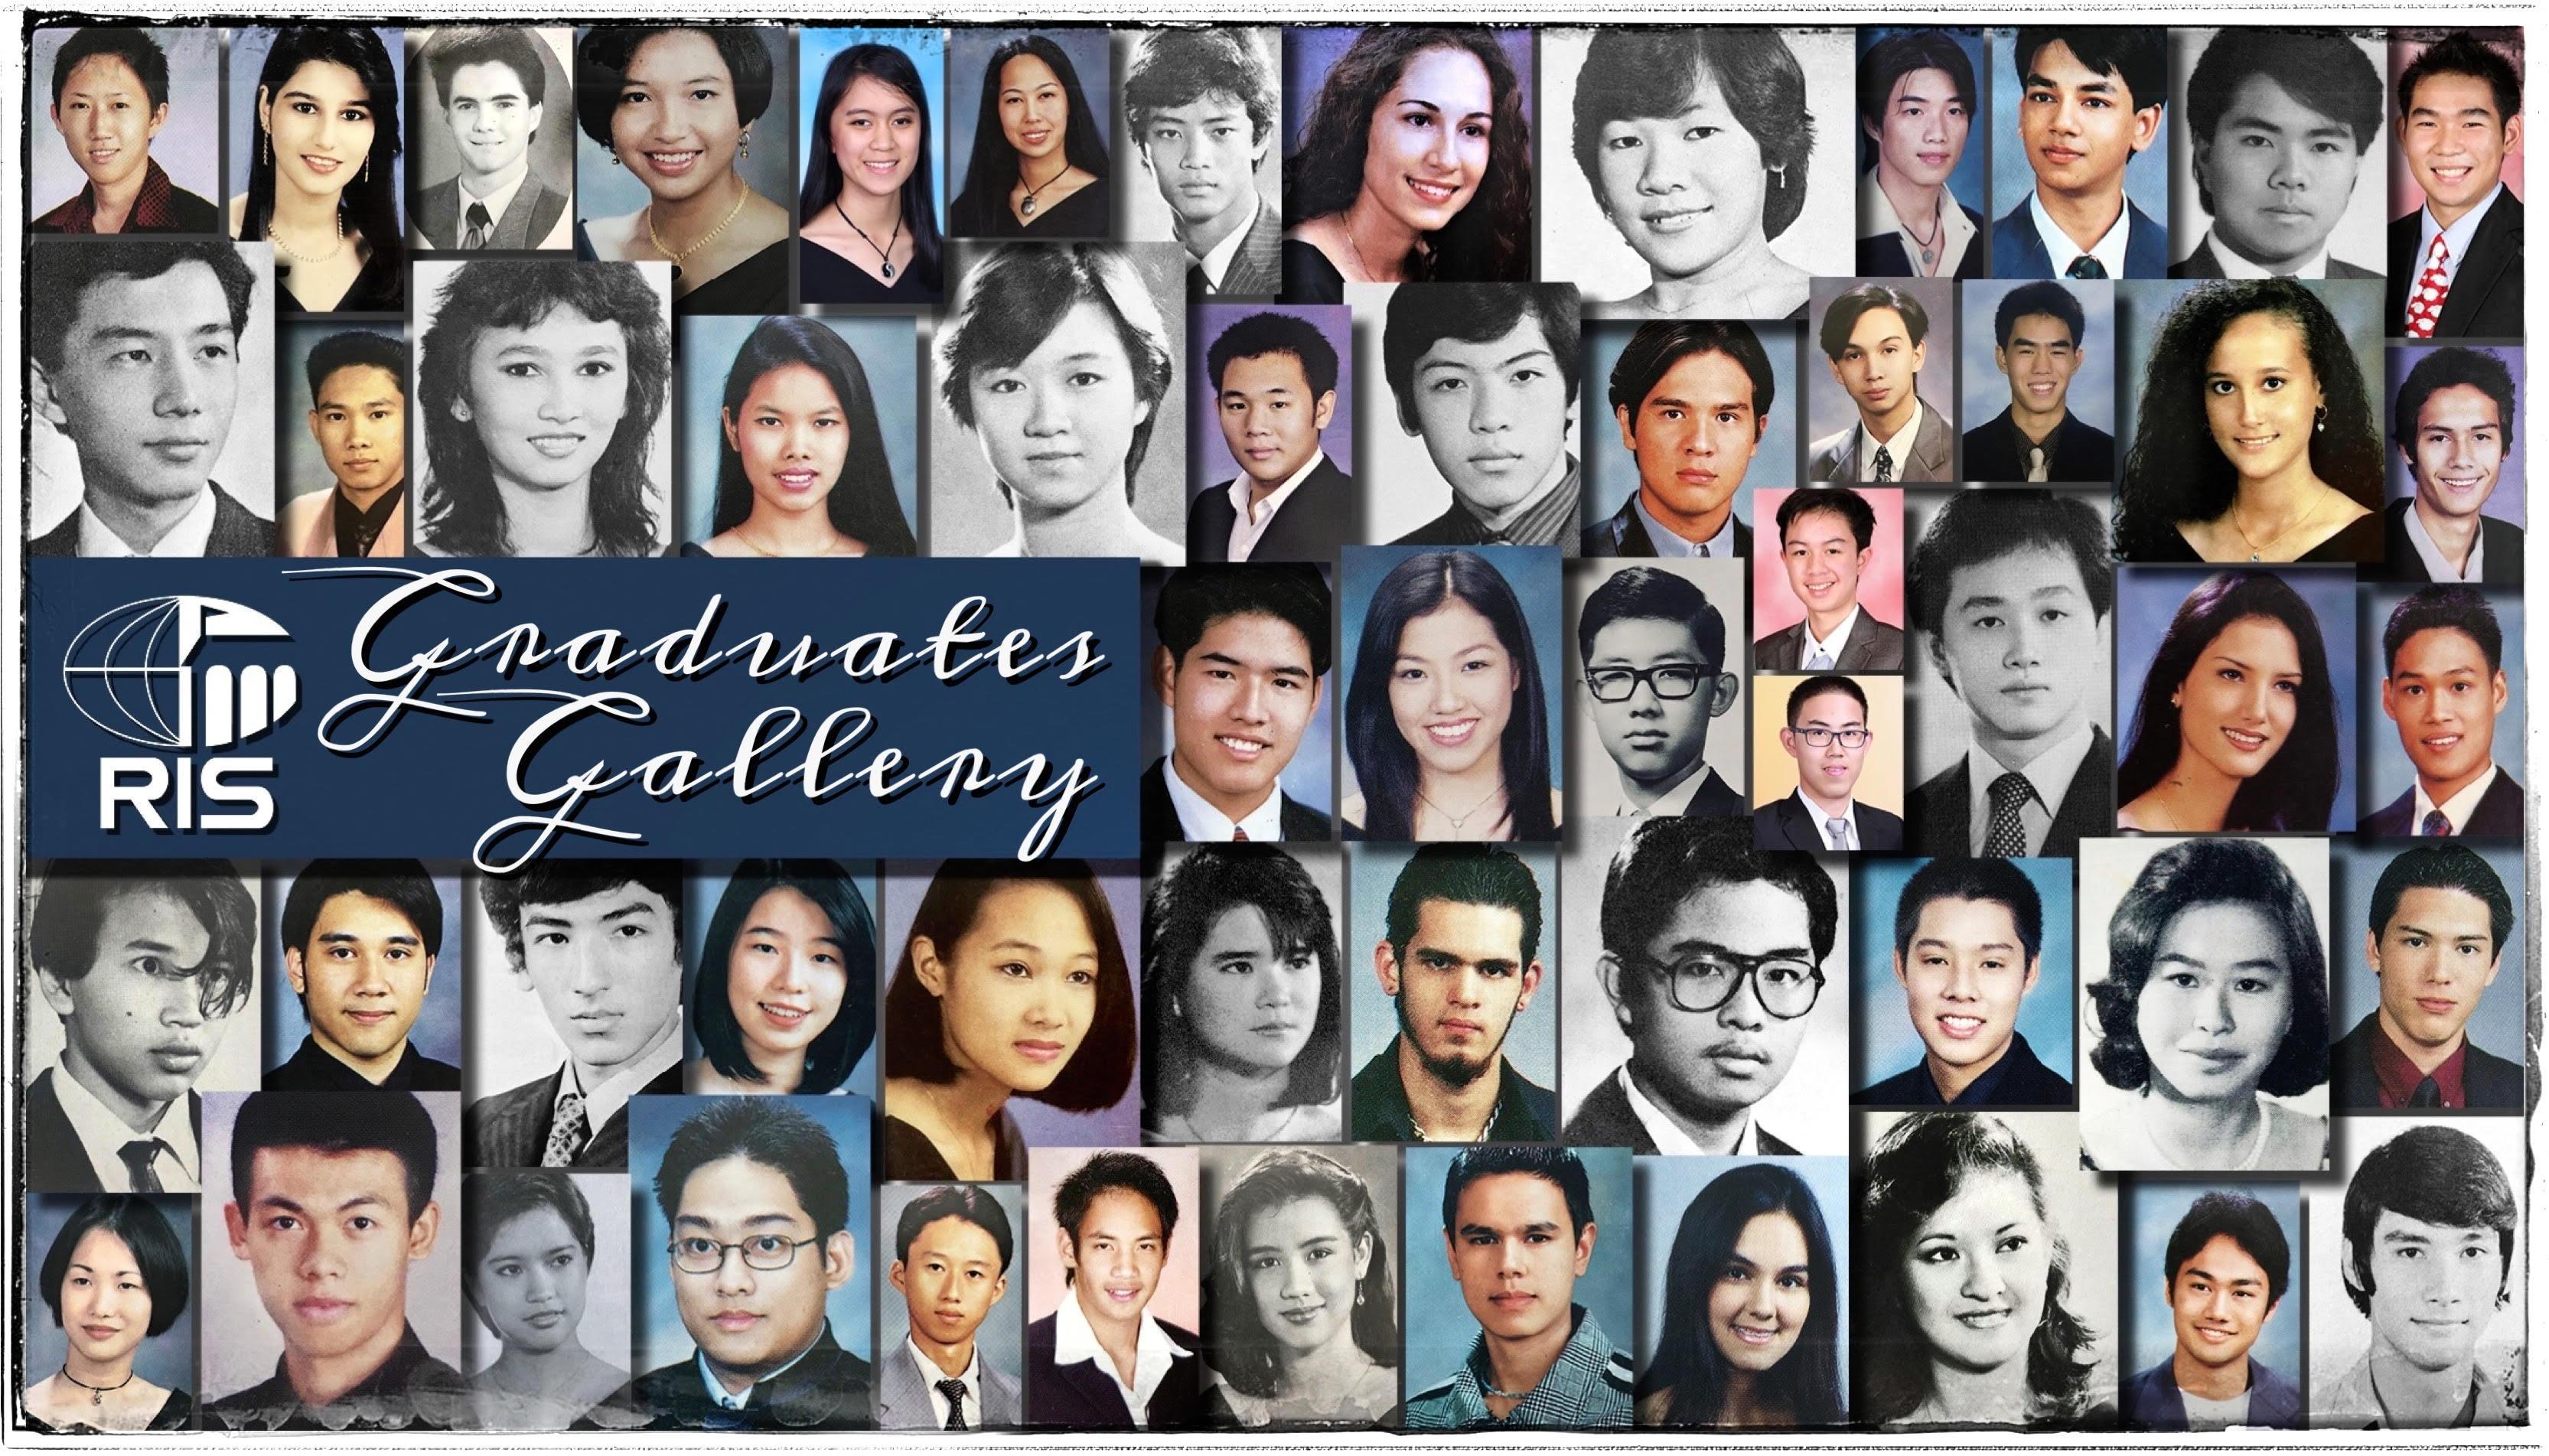 RIS Alumni, Graduates Gallery